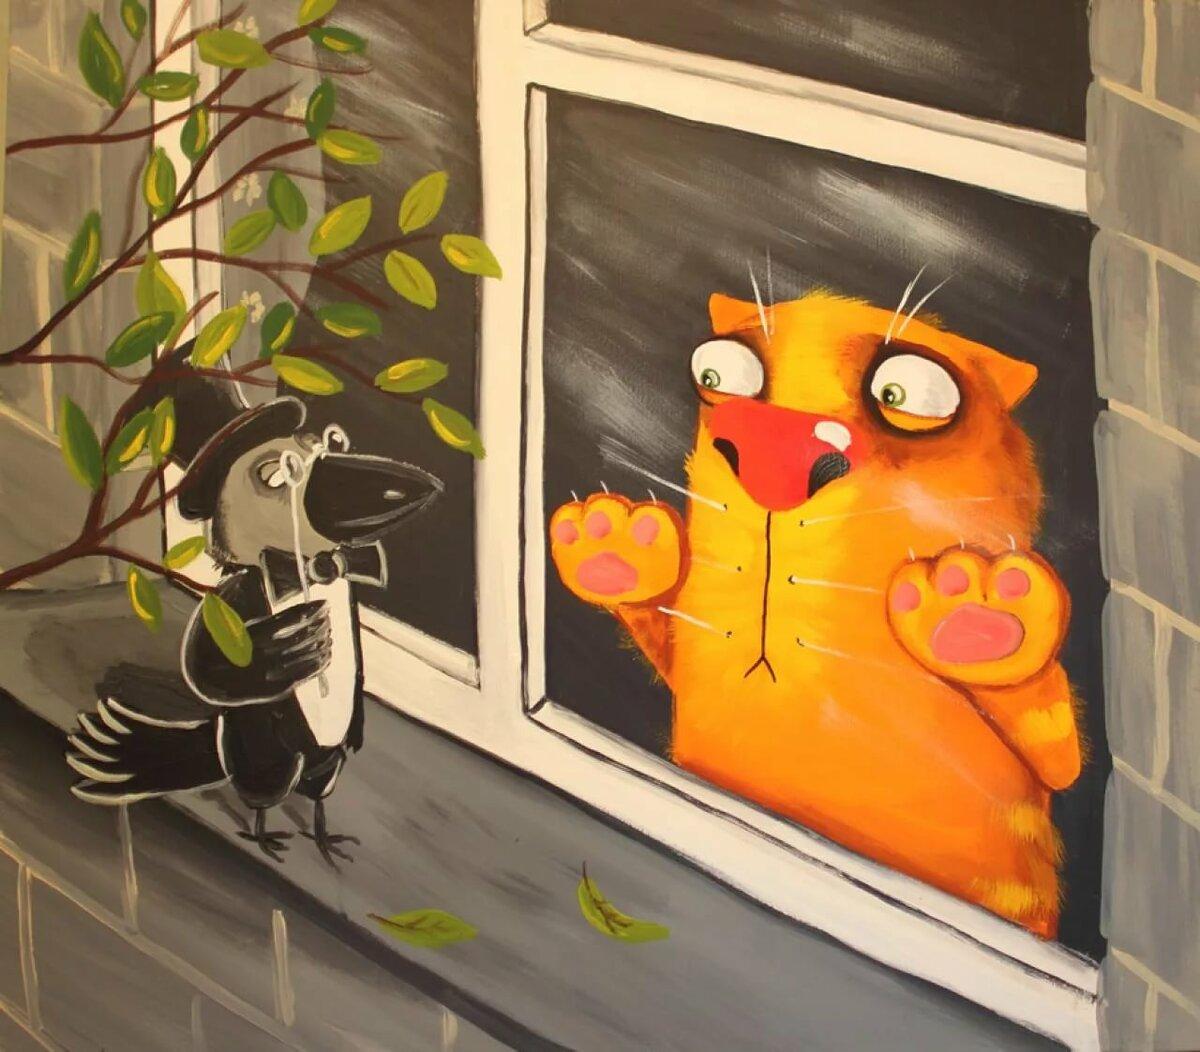 Карандаши веселые, картинки про котов васи ложкина